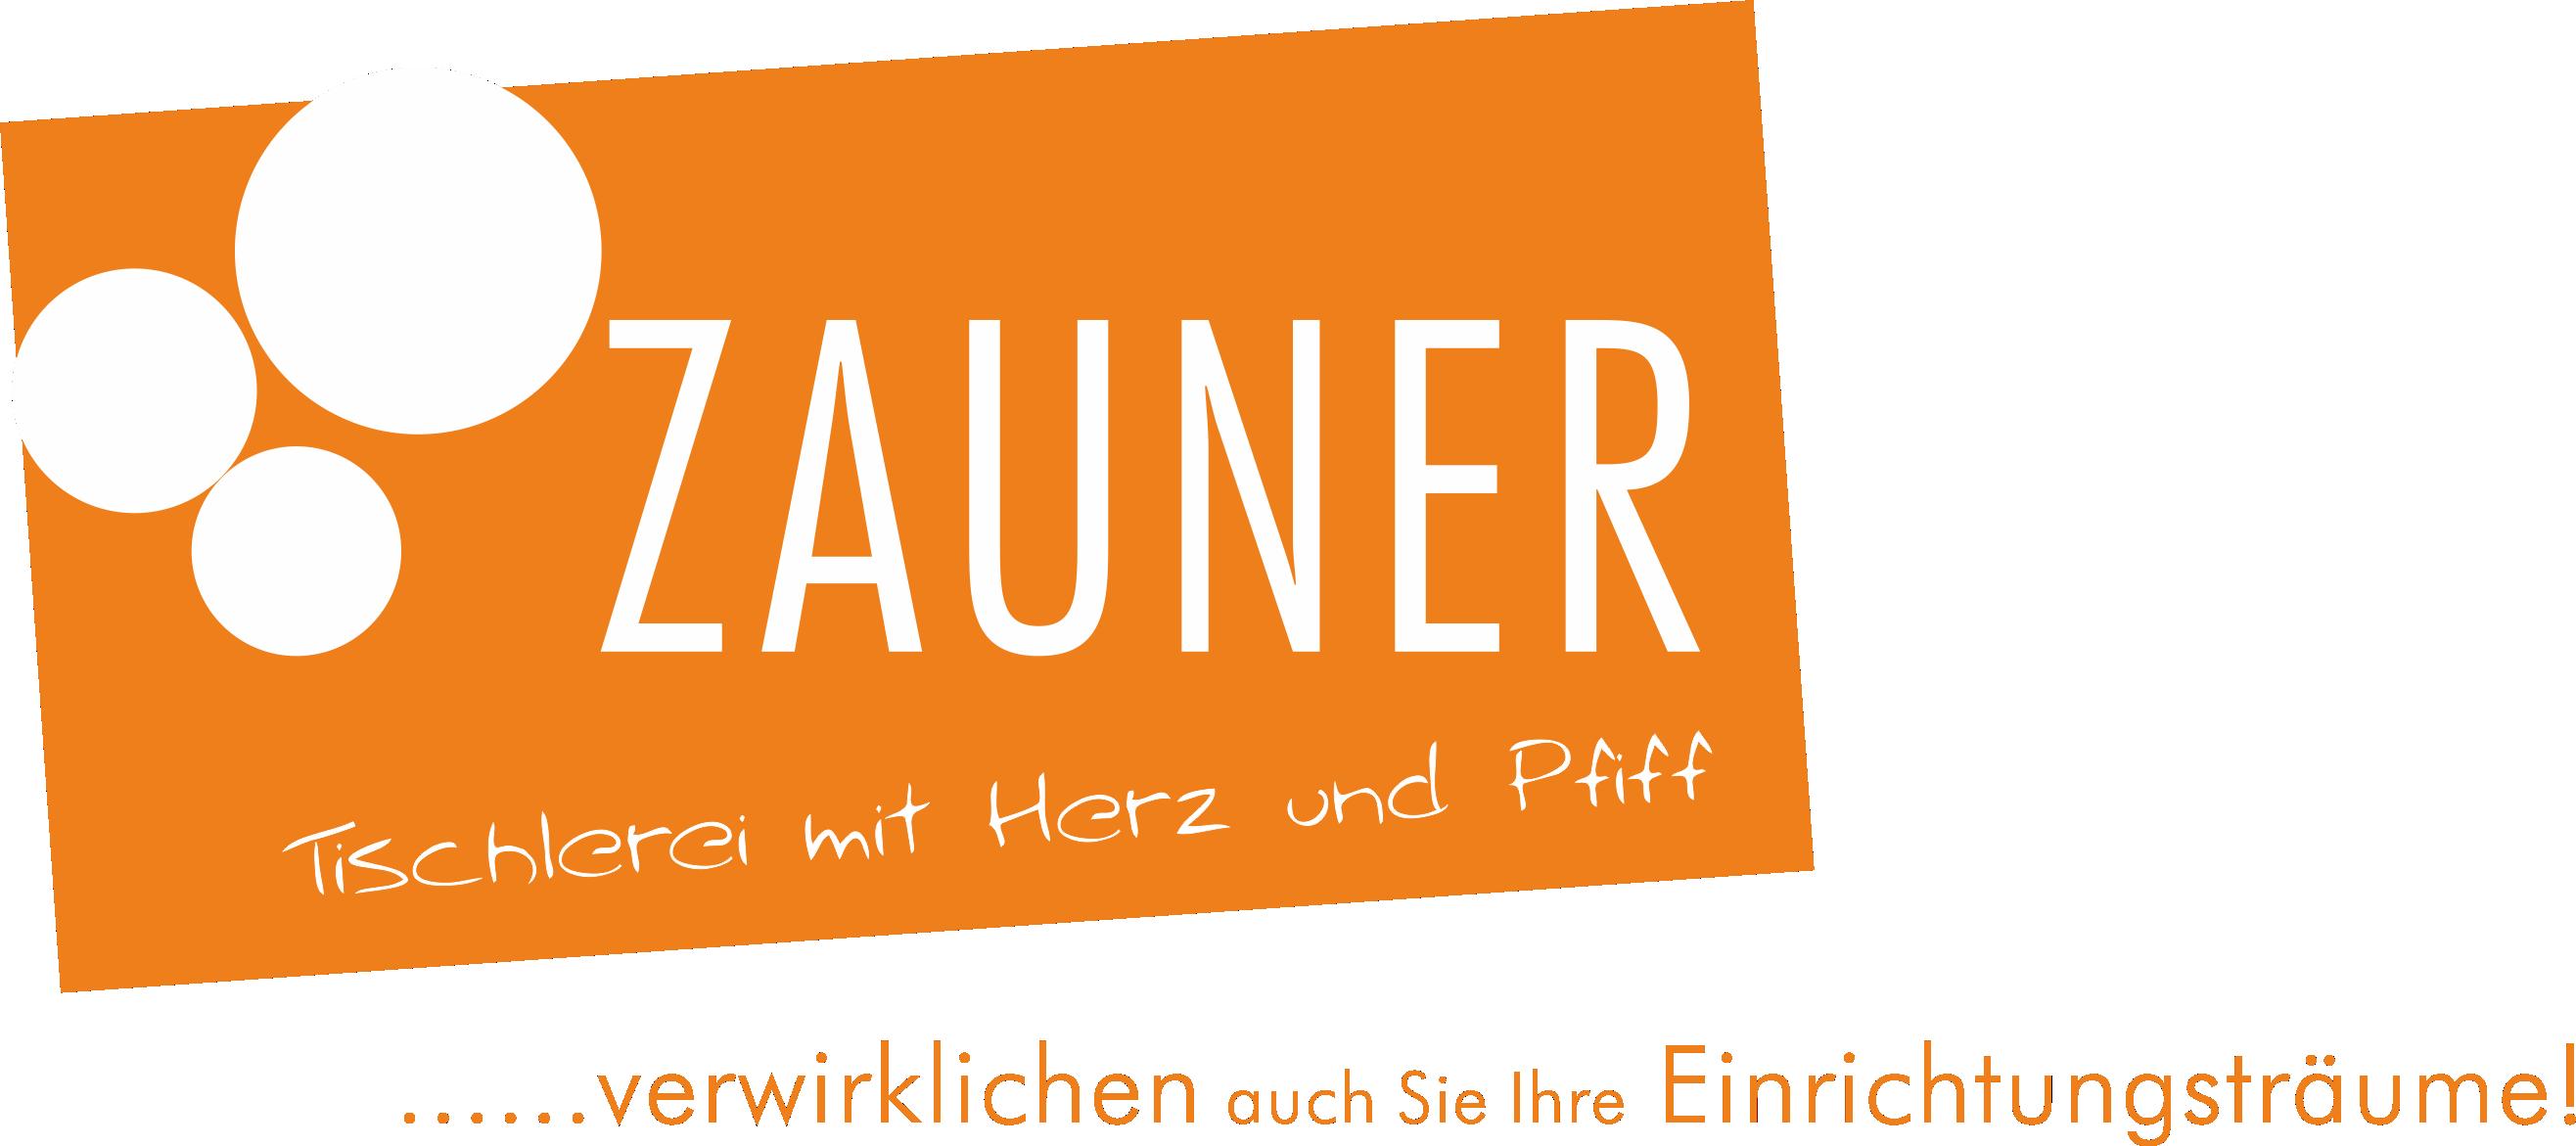 Tischlerei Zauner | Böheimkirchen | 02743 34 05 | 0660 351 71 71 | office@tischlereizauner.at